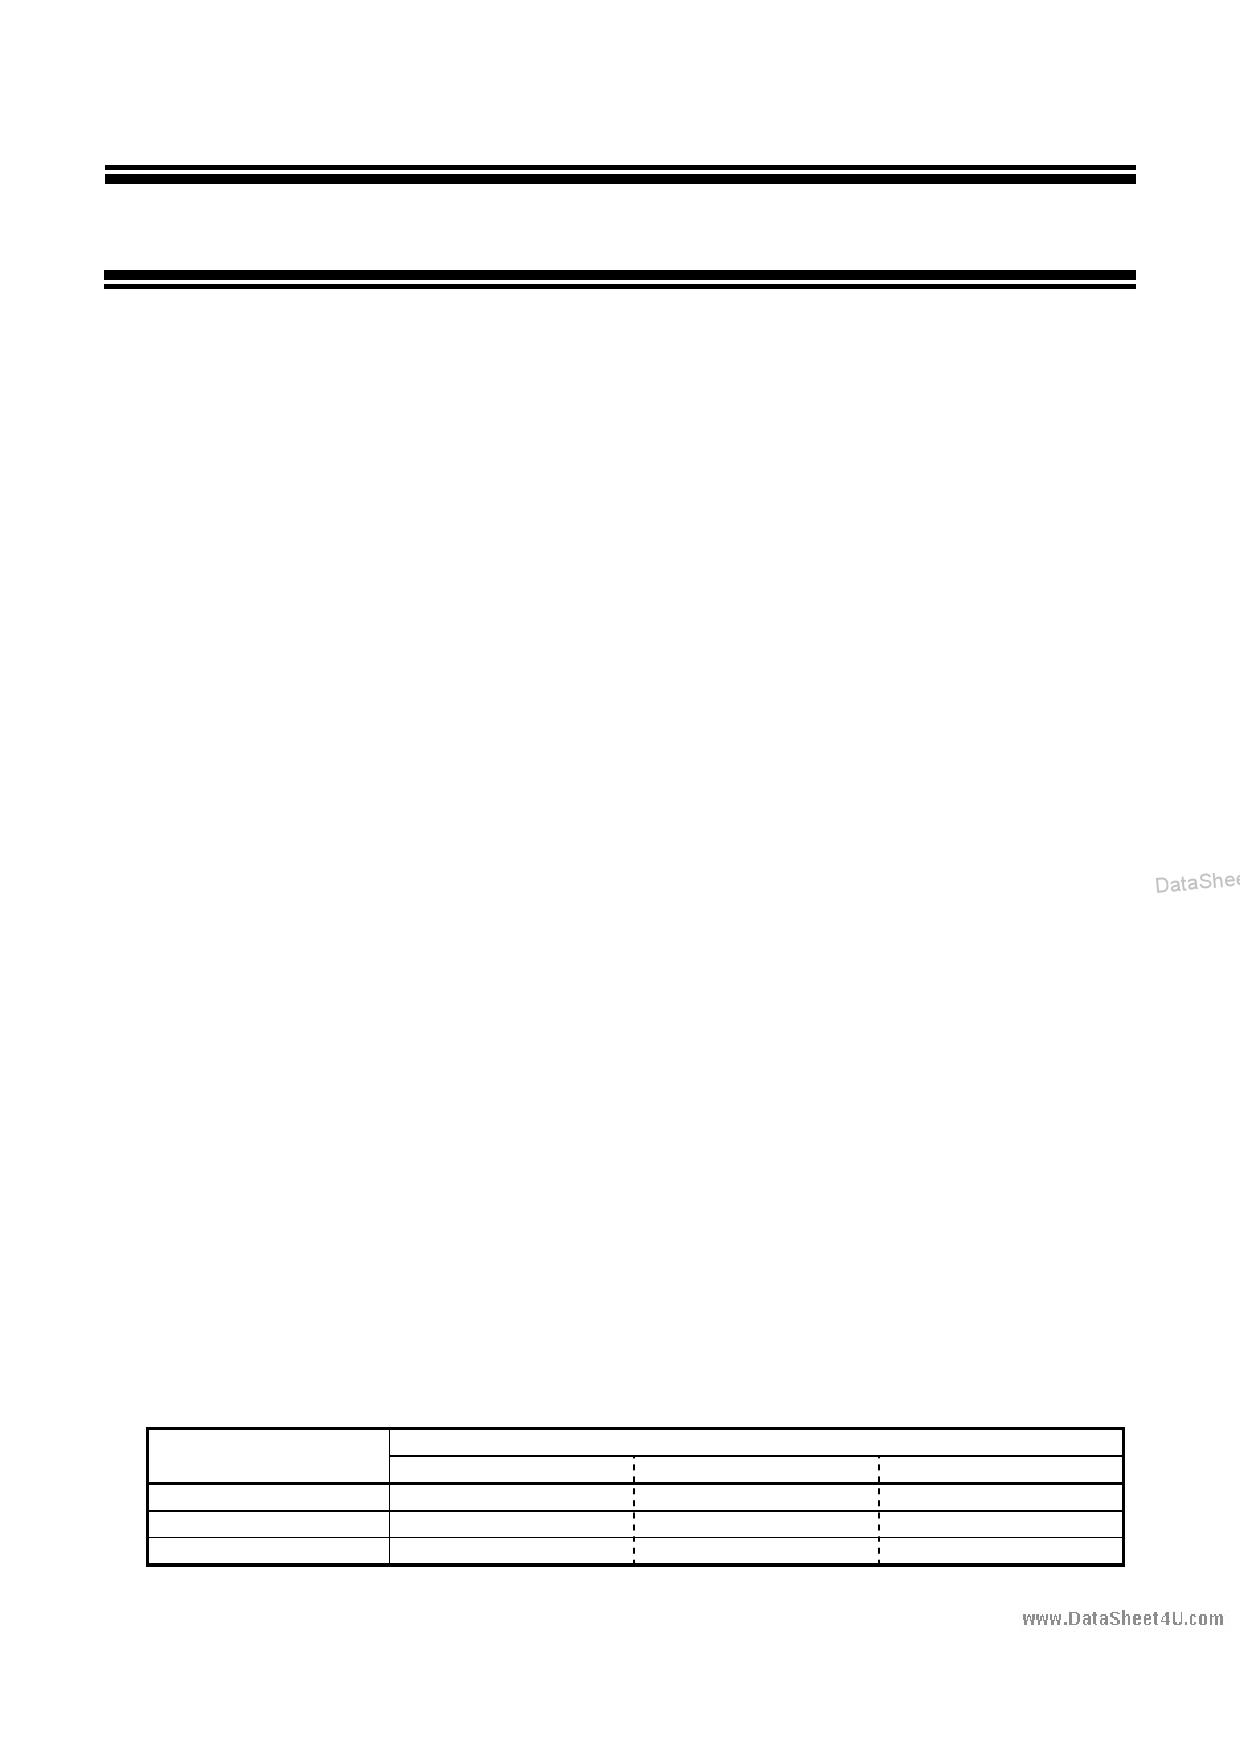 S-1132B34 datasheet